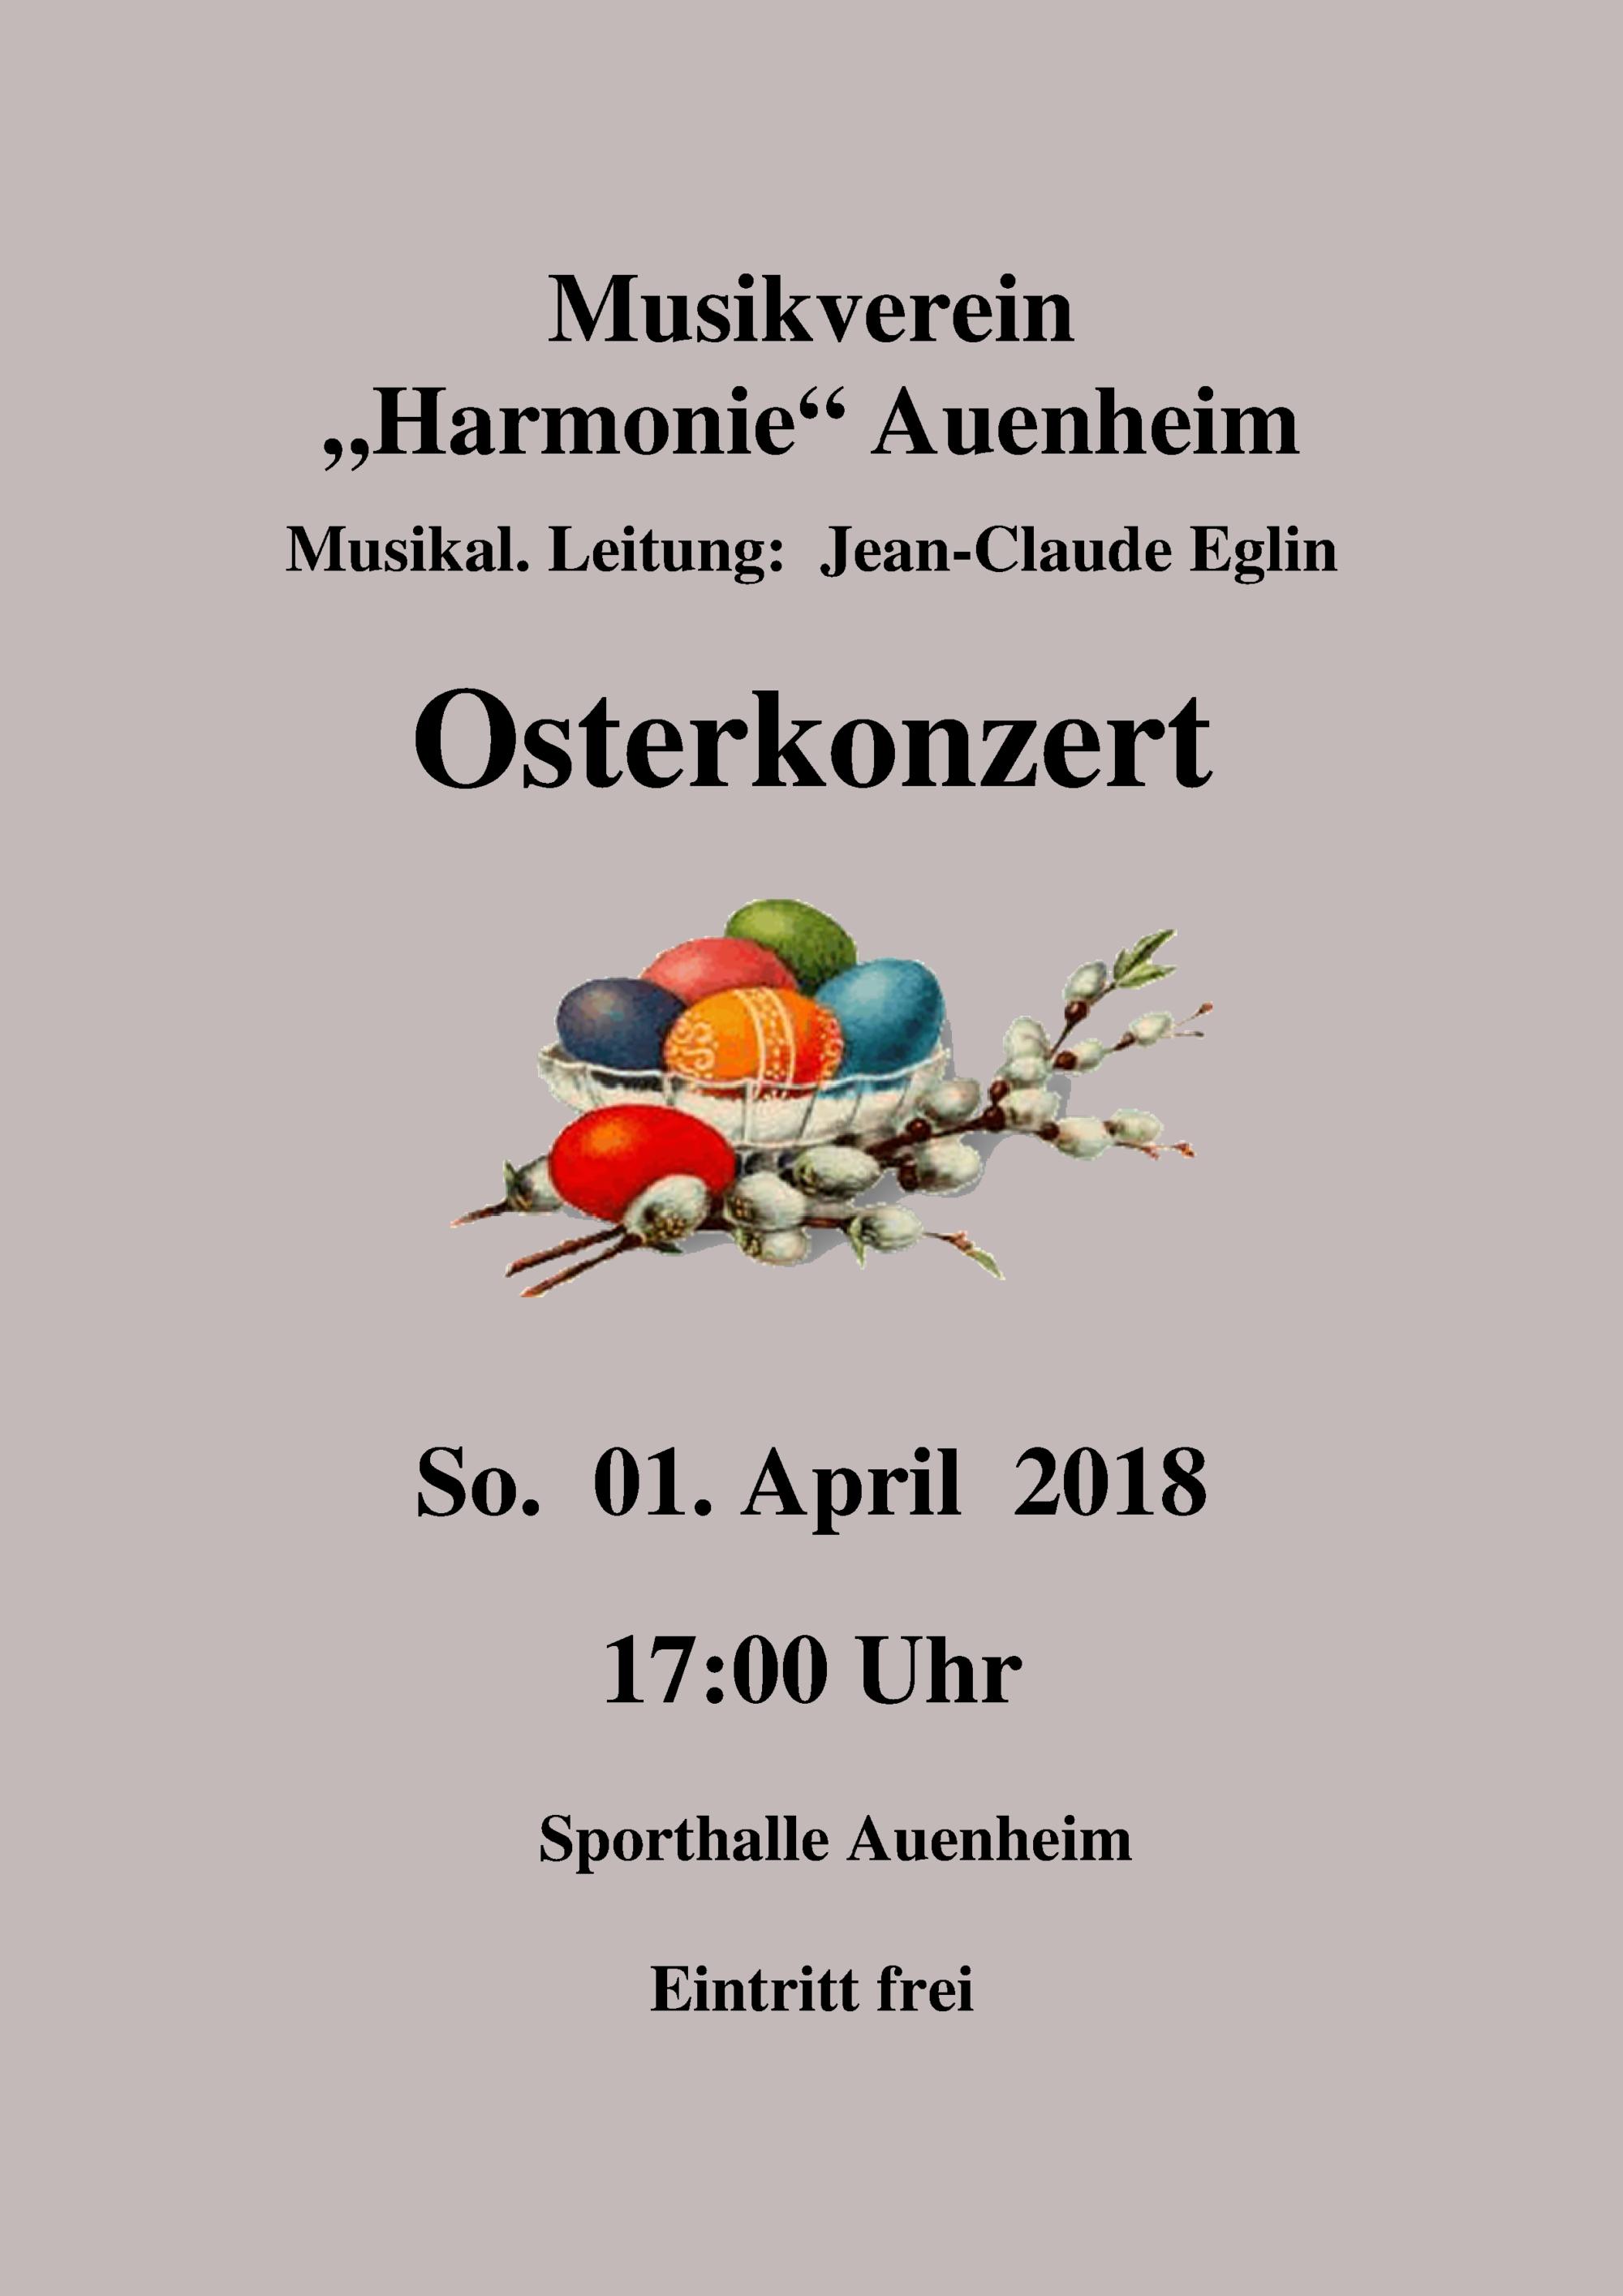 Osterkonzert 2018 @ Sporthalle Auenheim